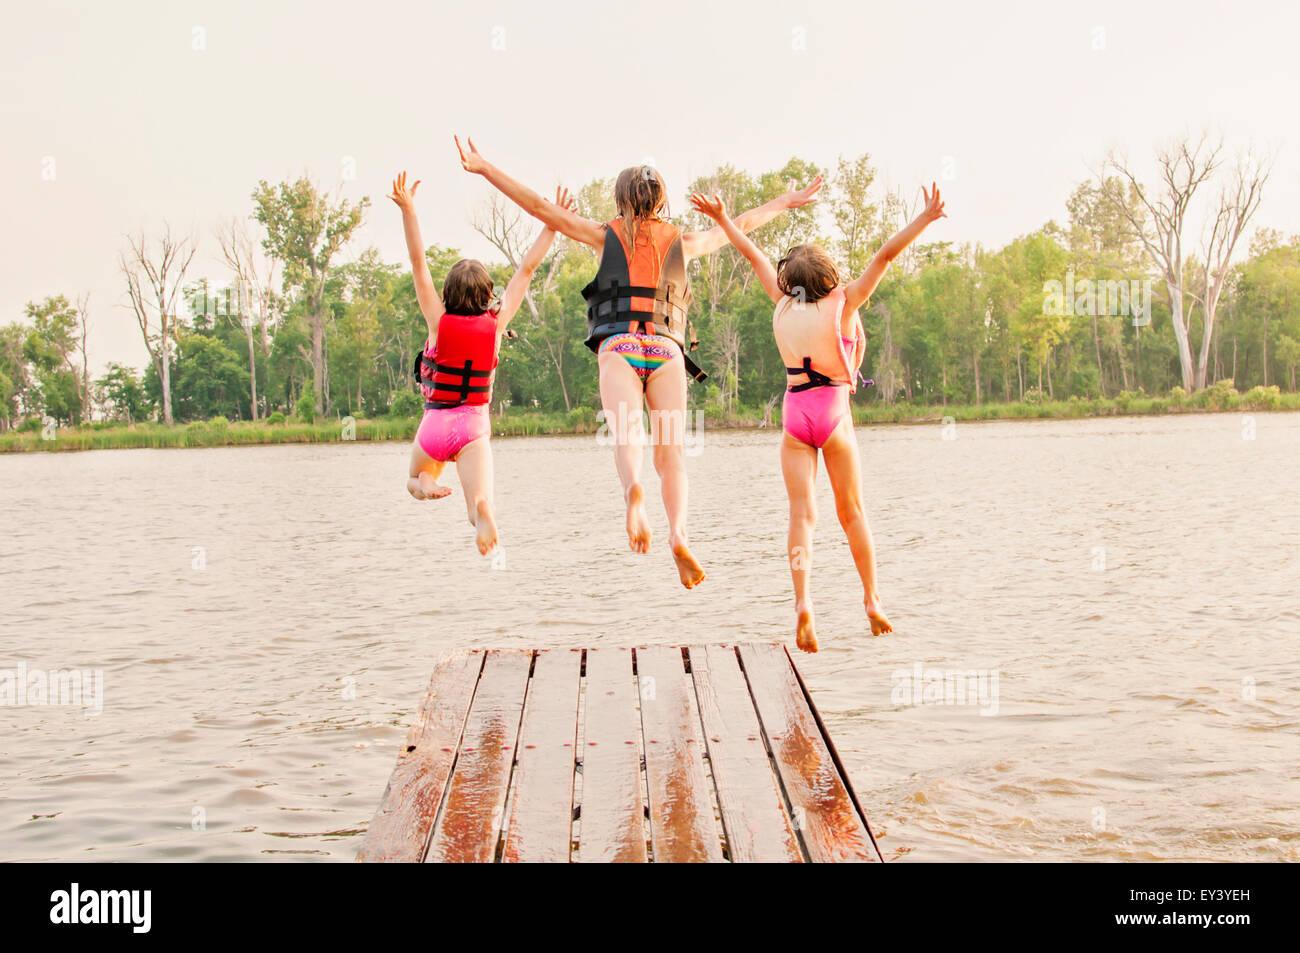 Drei Mädchen springen aus Dock in See Stockbild